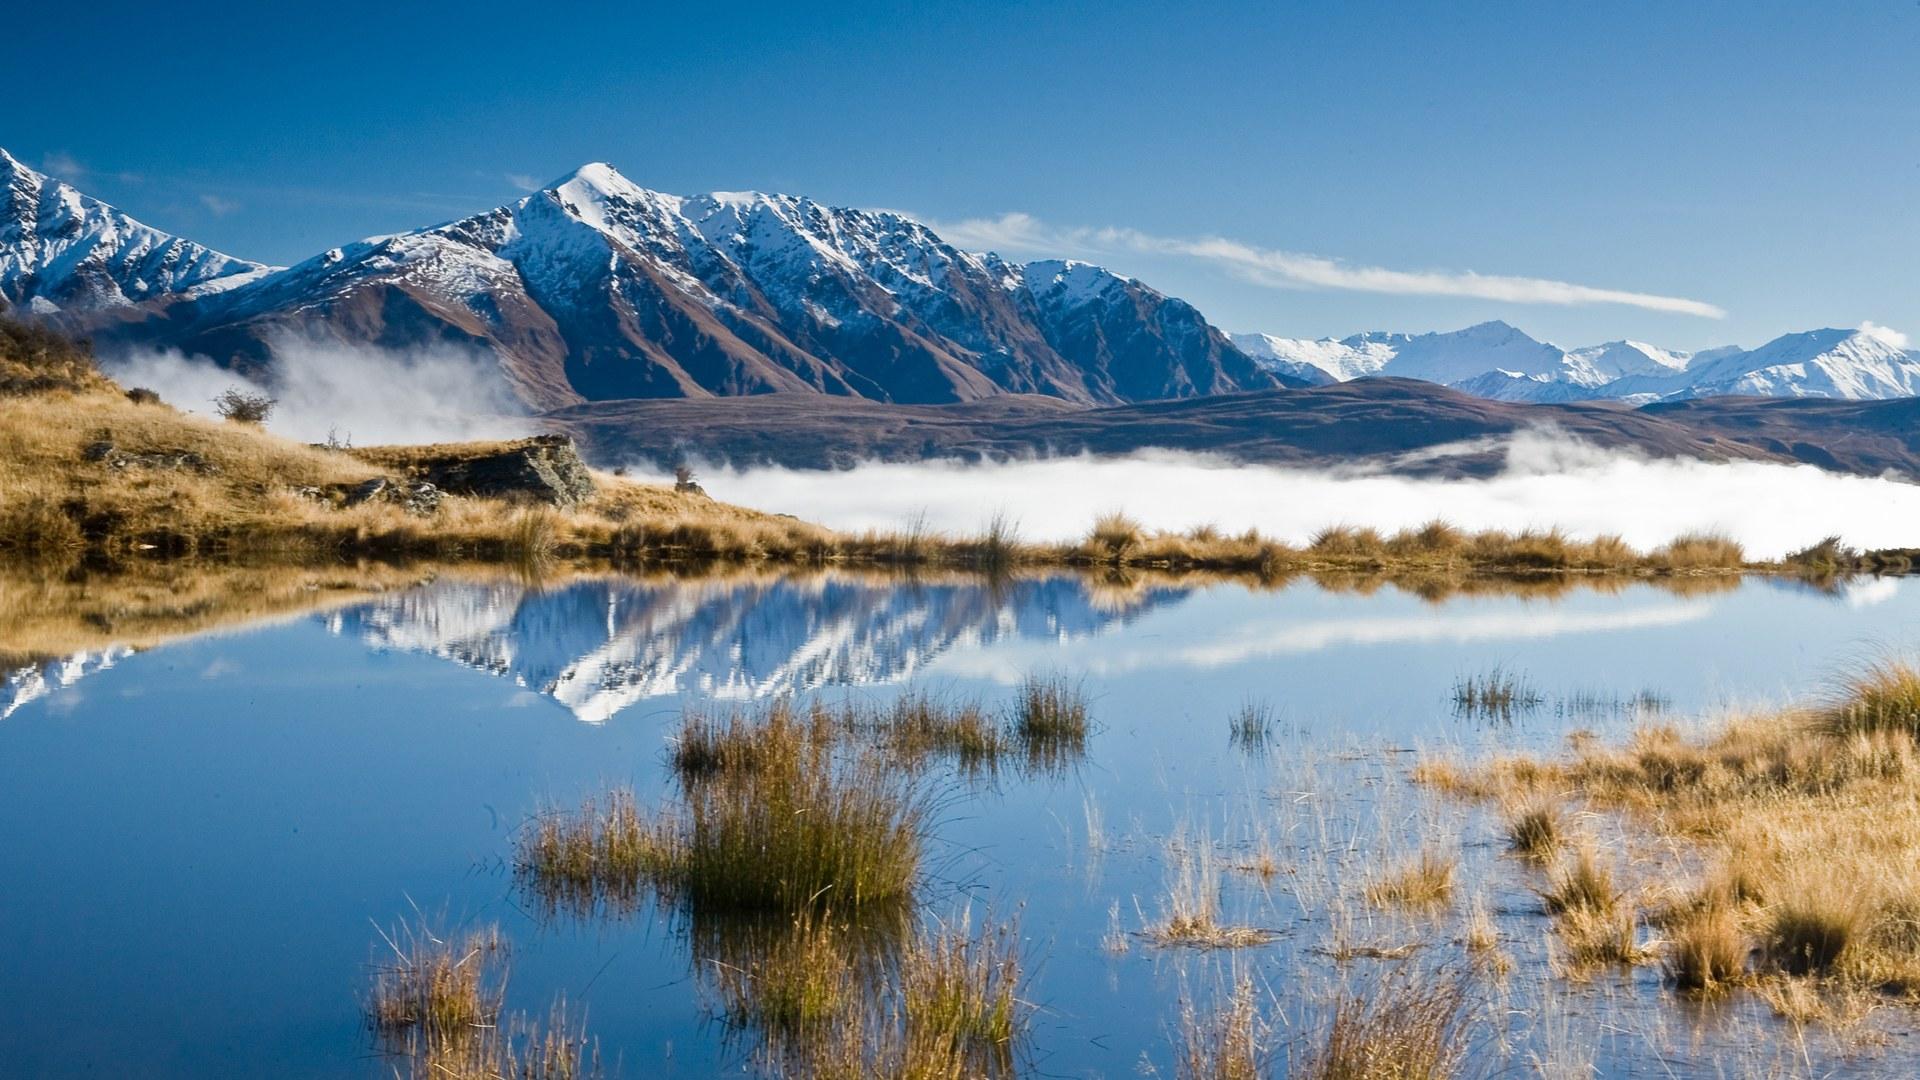 Car And Driver >> New Zealand Scenery Wallpaper - WallpaperSafari